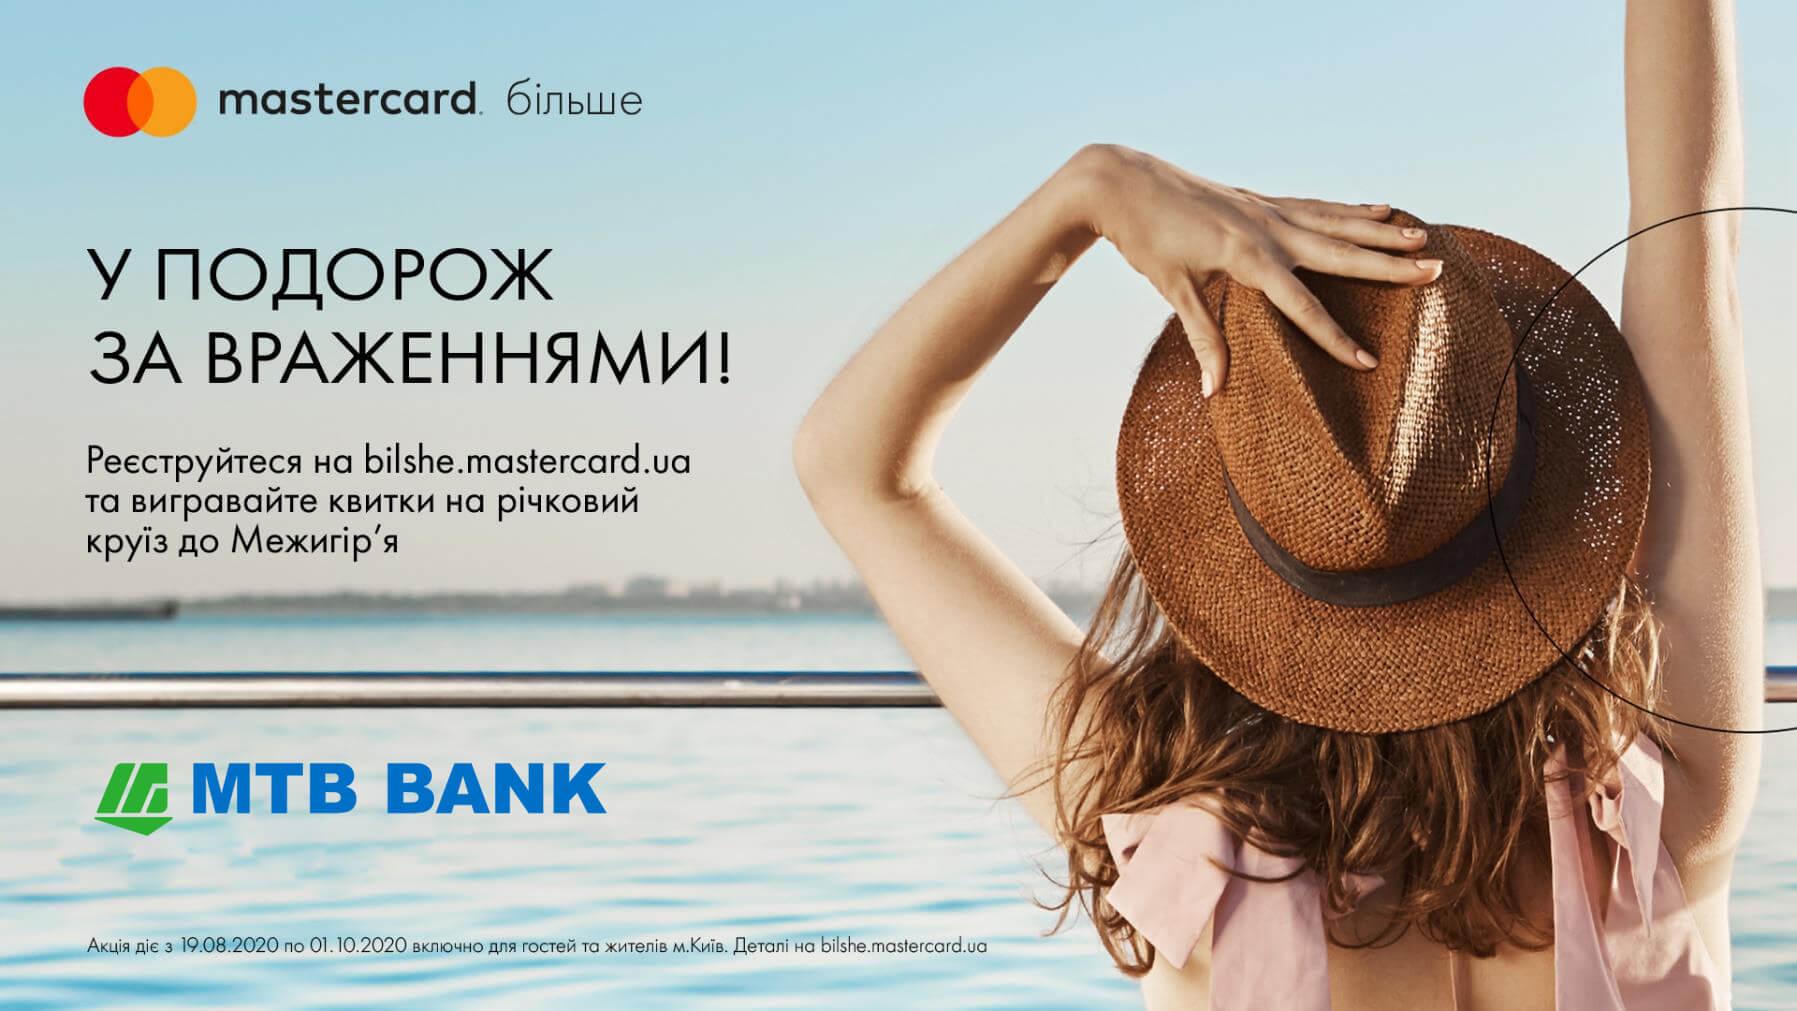 Розіграш квитків на річковий круїз в Межигір'ї для користувачів Mastercard Більше! - фото - mtb.ua